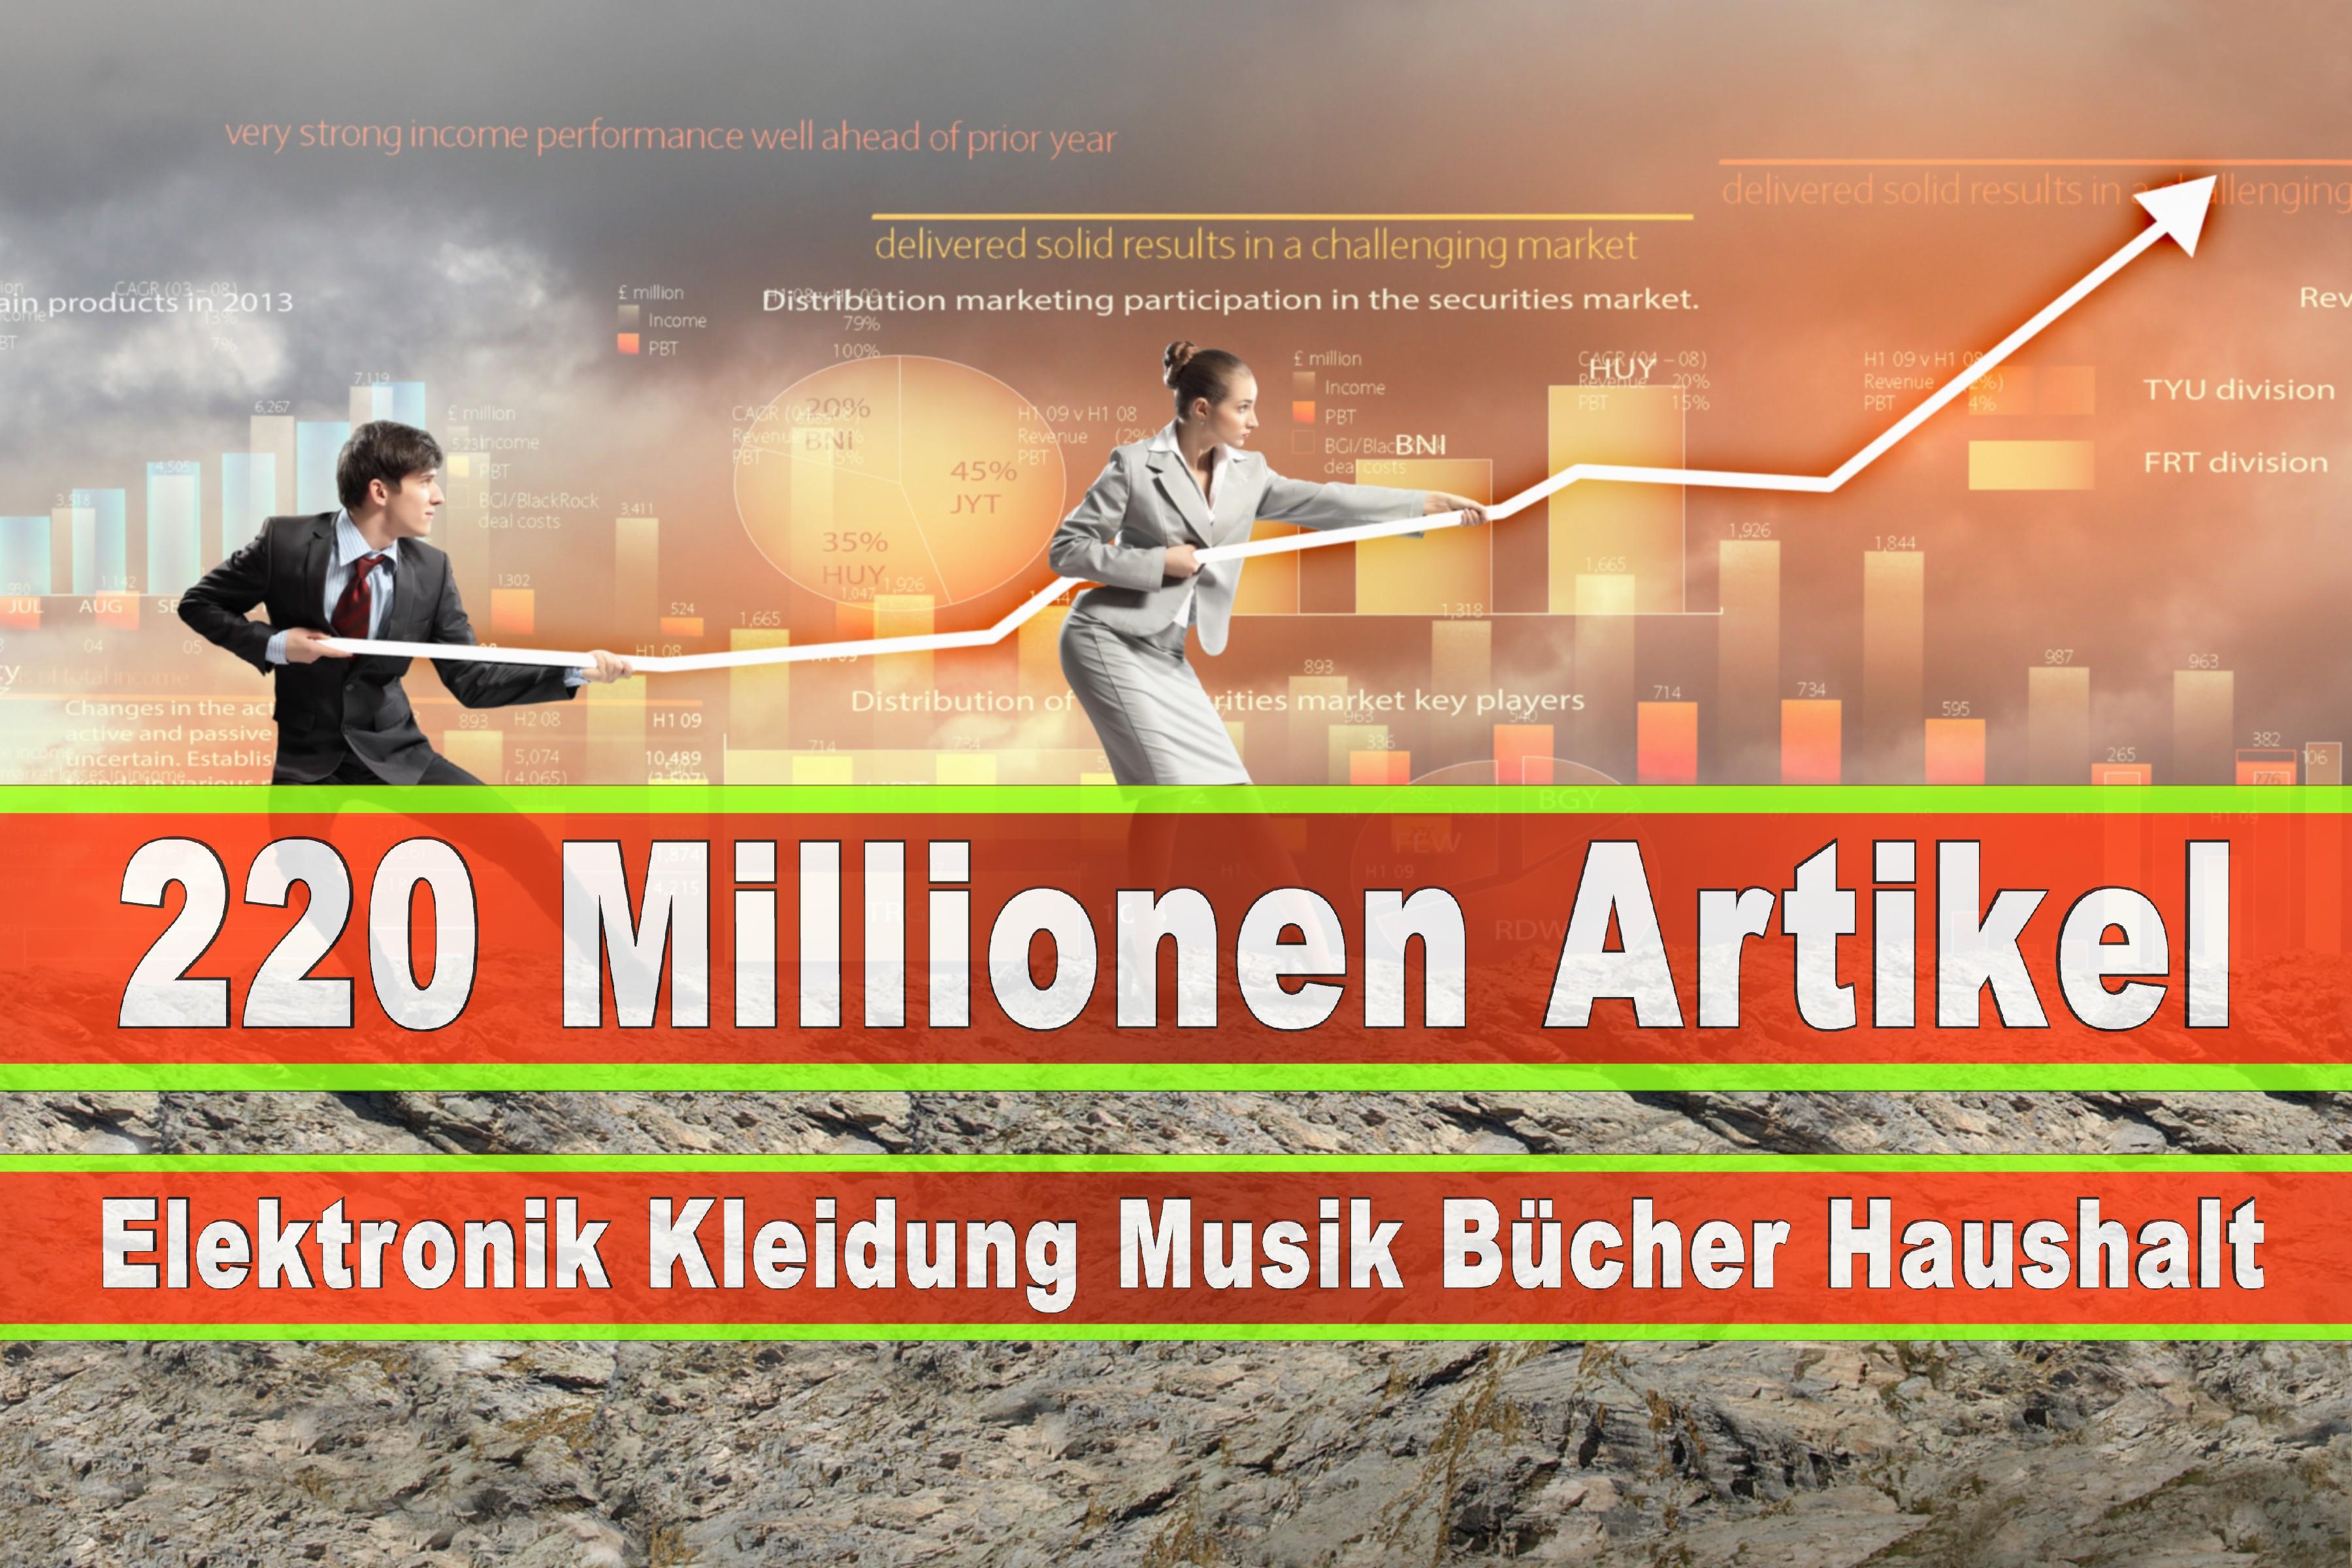 Amazon Elektronik Musik Haushalt Bücher CD DVD Handys Smartphones TV Television Fernseher Kleidung Mode Ebay Versandhaus (71)